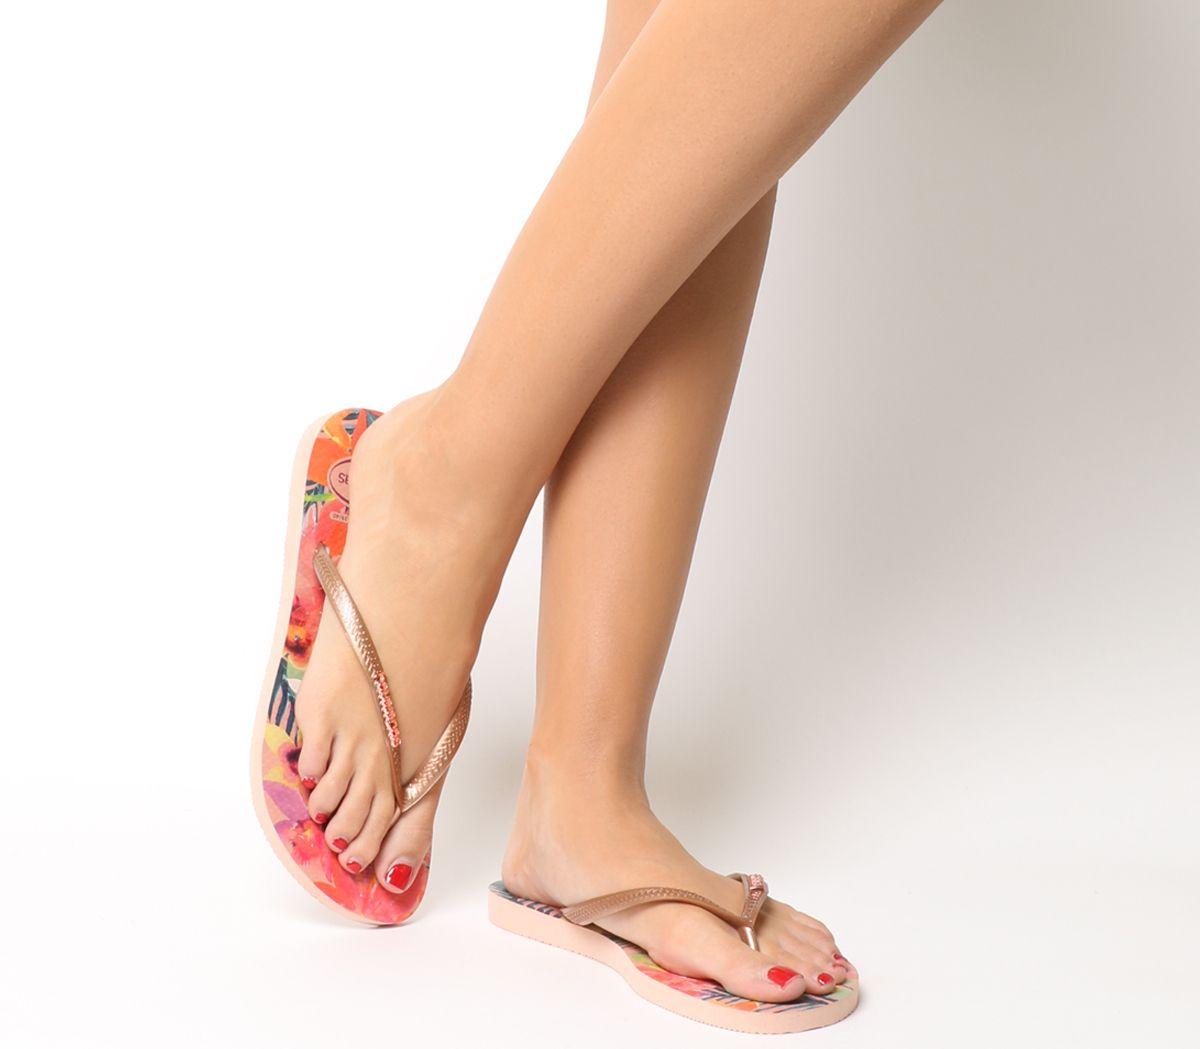 e0c8e0279 Havaianas Slim Tropical Flip Flops Ballet Rose - Sandals